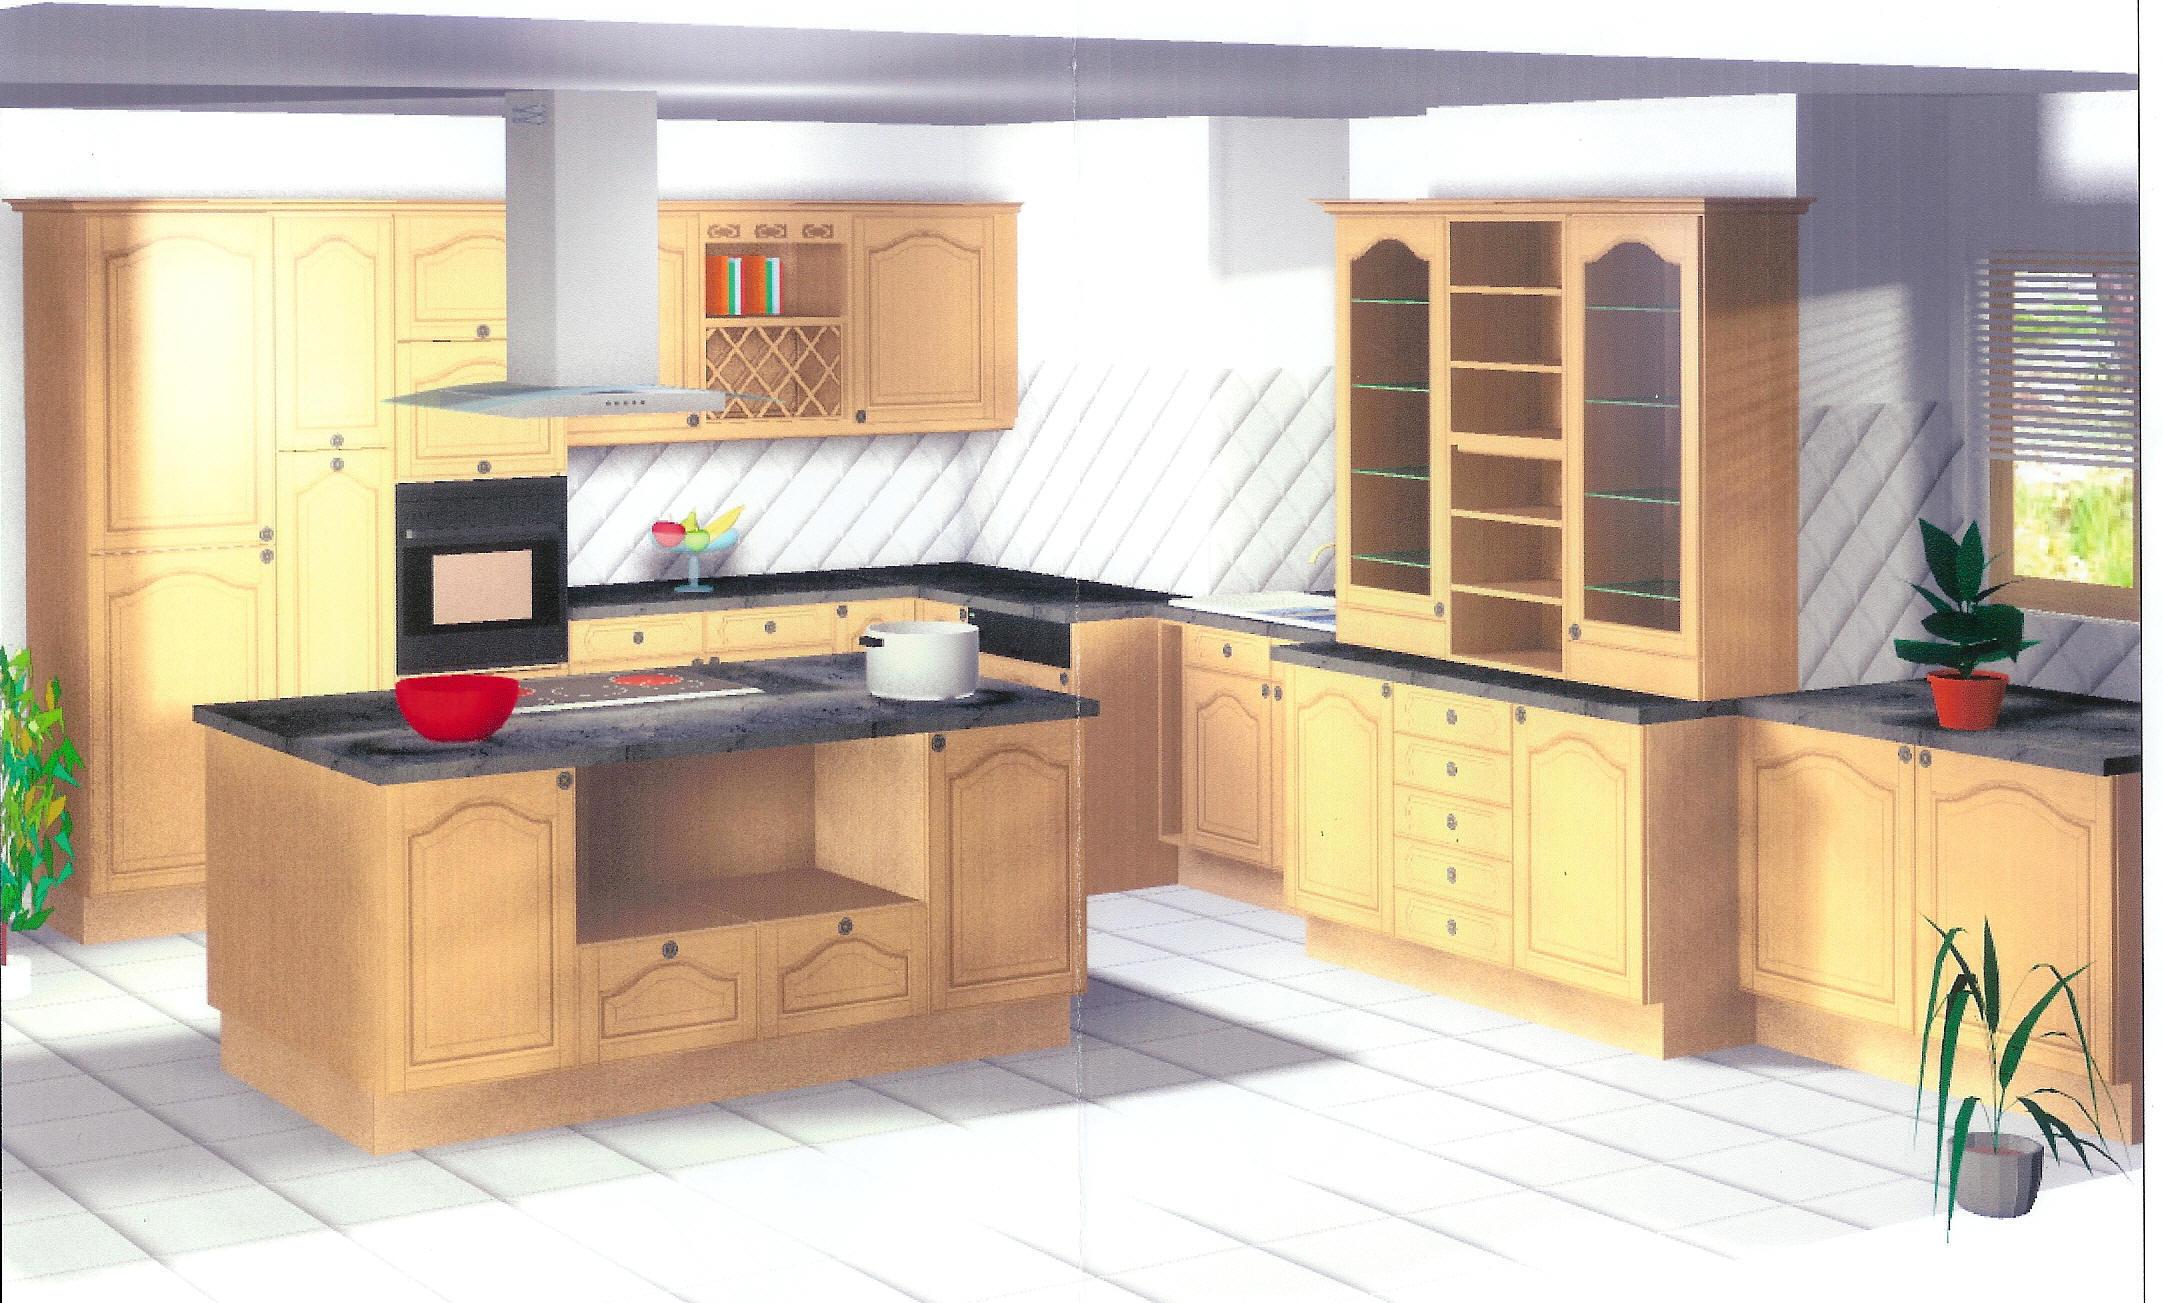 Logiciel Pour Conception Cuisine logiciel plan cuisine 3d